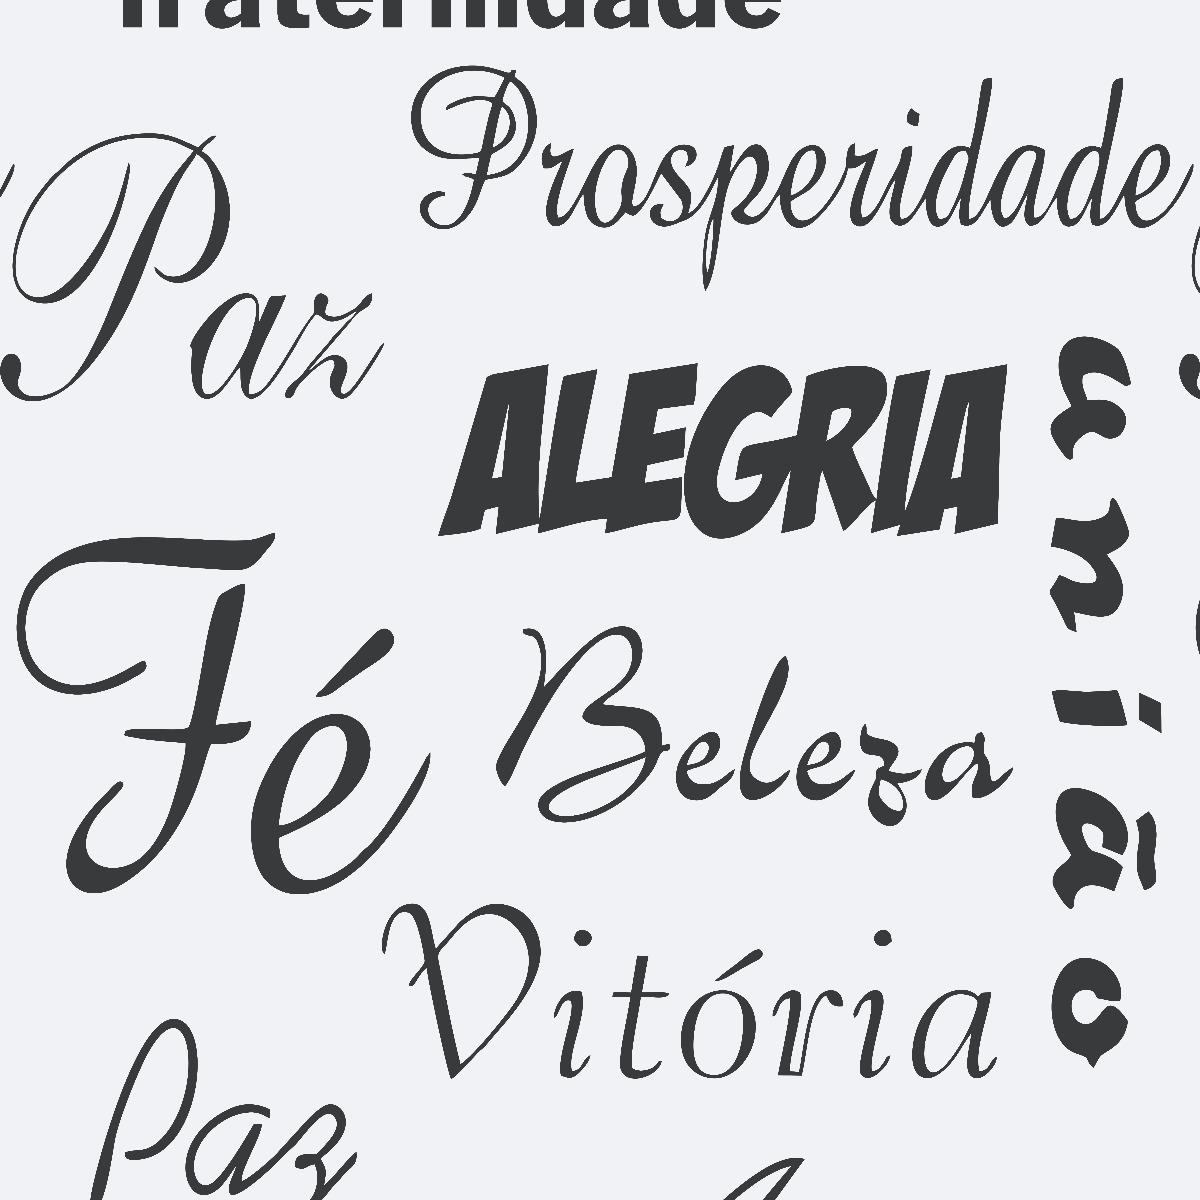 efb200b1d papel de parede branco palavras positivas adesivo 3m - 1340. Carregando  zoom.